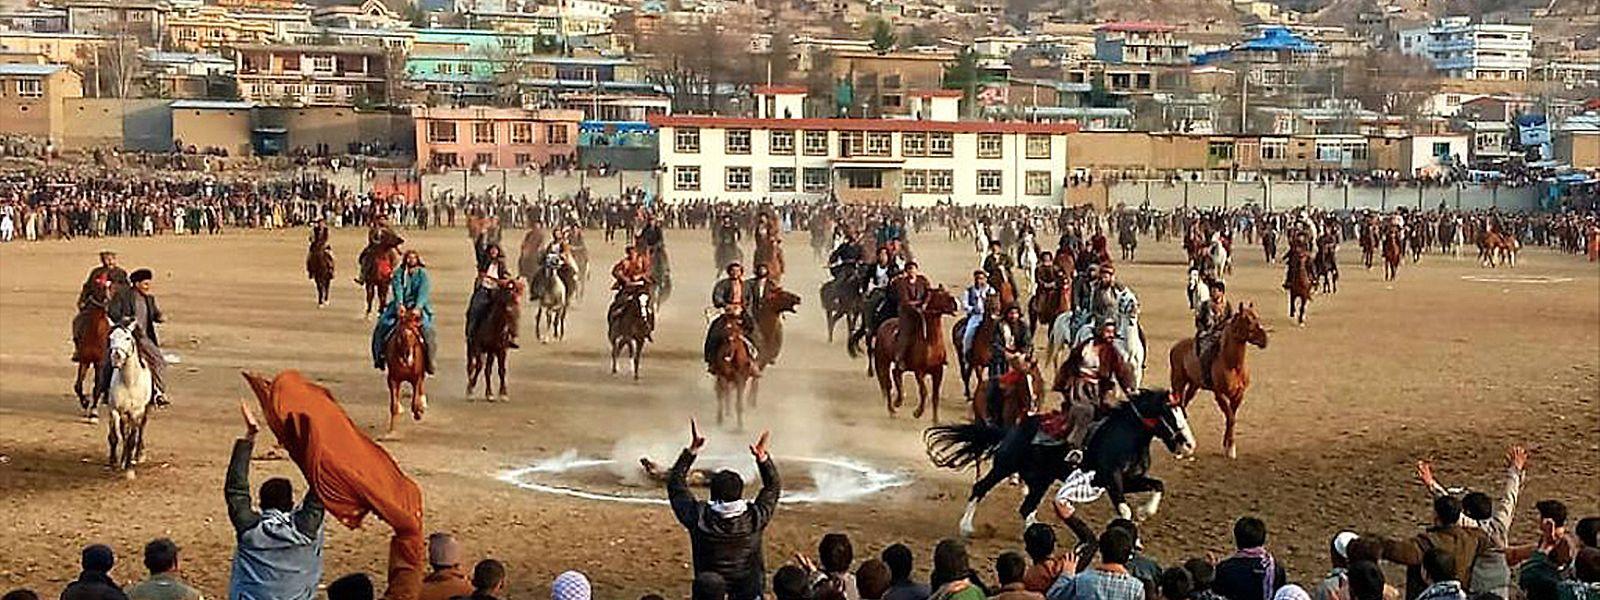 Mehrere Pferde bei einem Buskaschi-Wettkampf in Afghanistan.